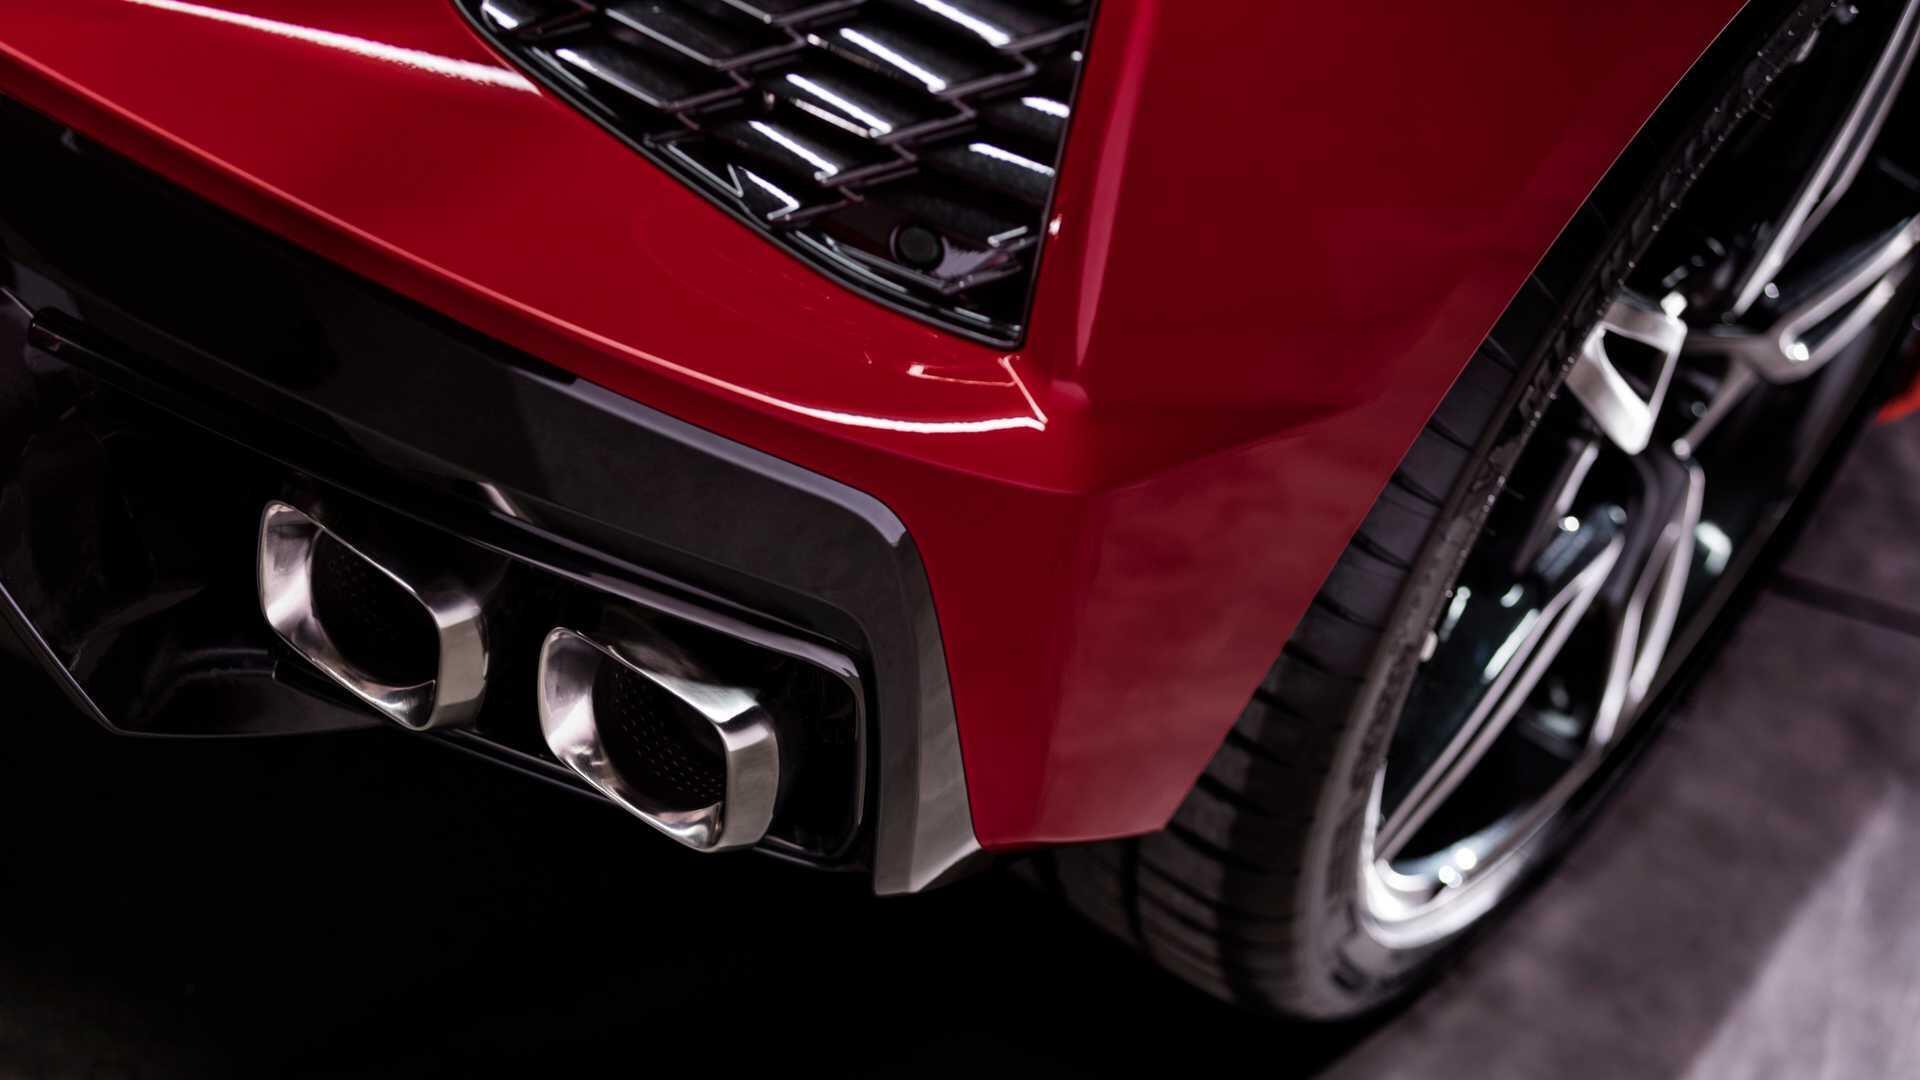 https://cdn.dailyxe.com.vn/image/chevrolet-corvette-2020-co-mot-so-tinh-nang-an-tuyet-voi-72-94574j2.jpg